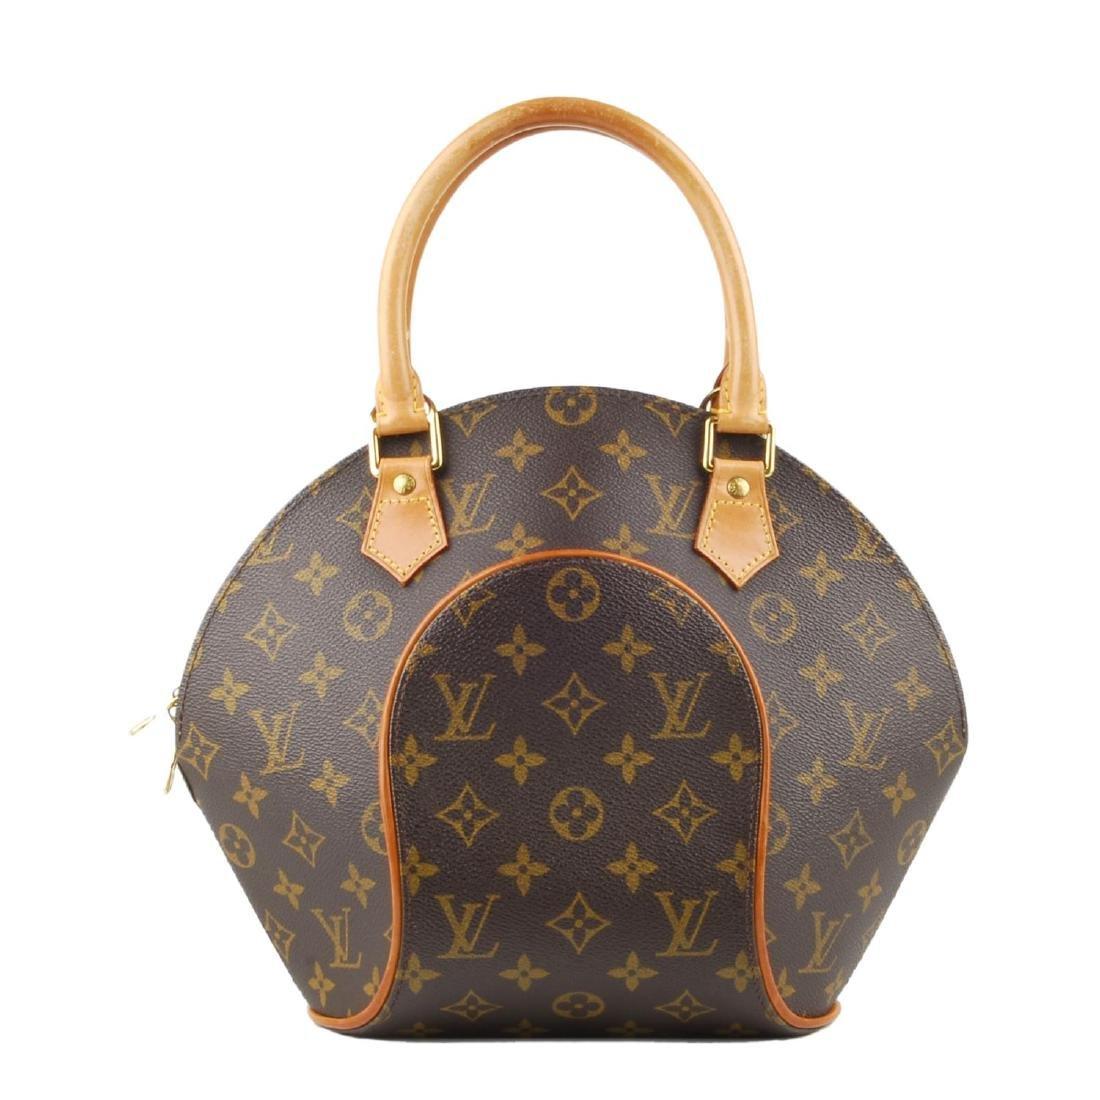 LOUIS VUITTON - an Ellipse PM handbag. Designed with a